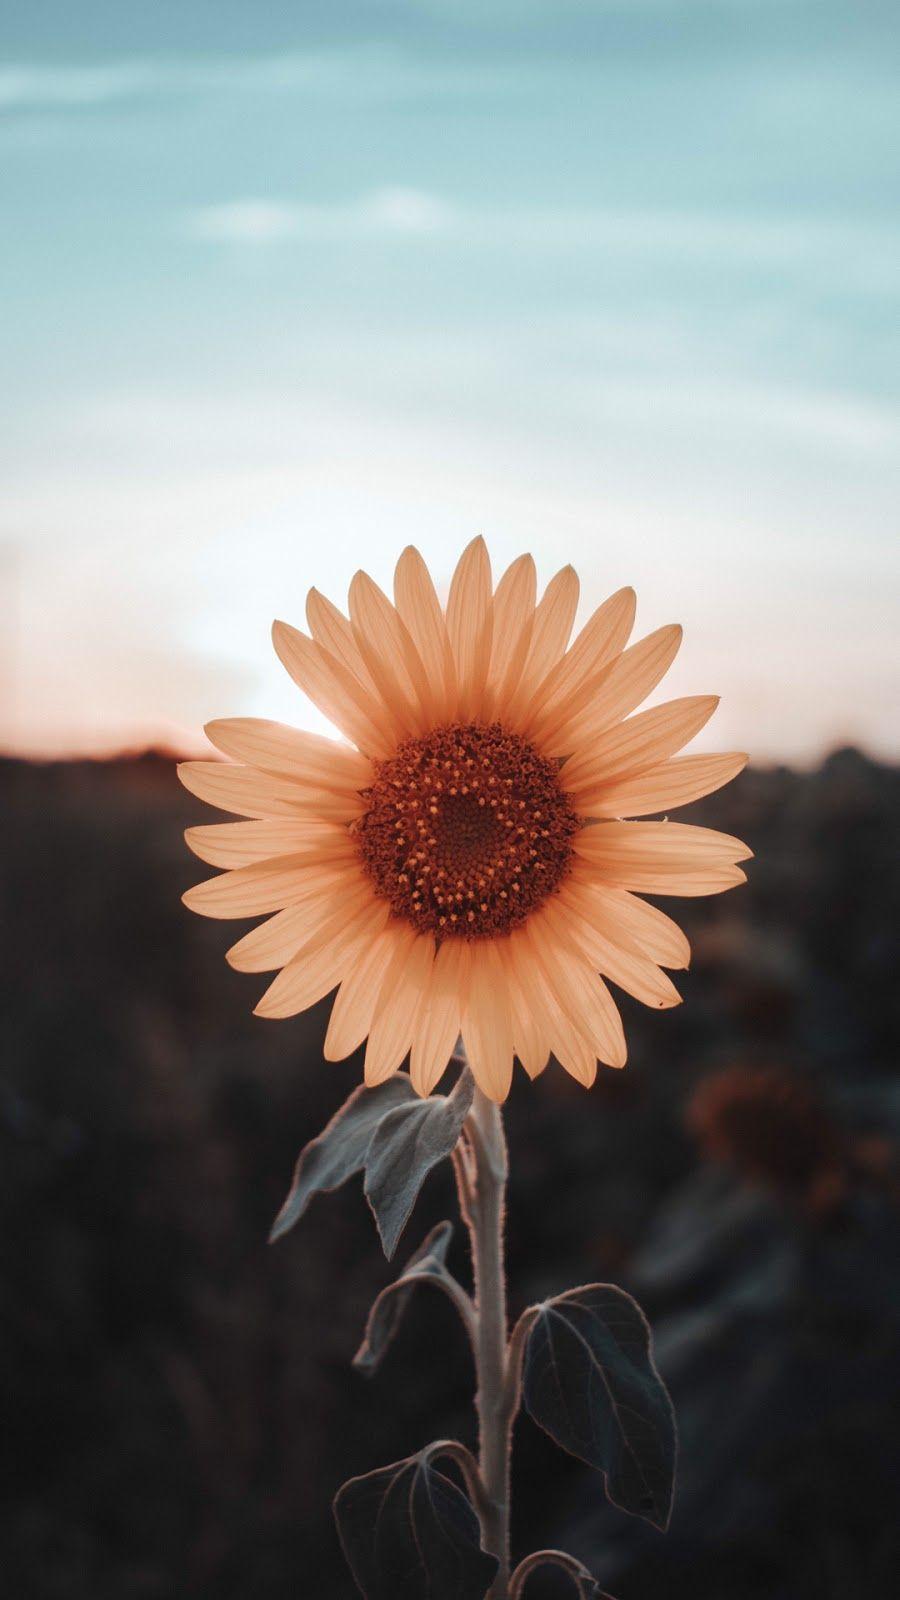 sunflower wallpaper Sunflower wallpaper, Aesthetic